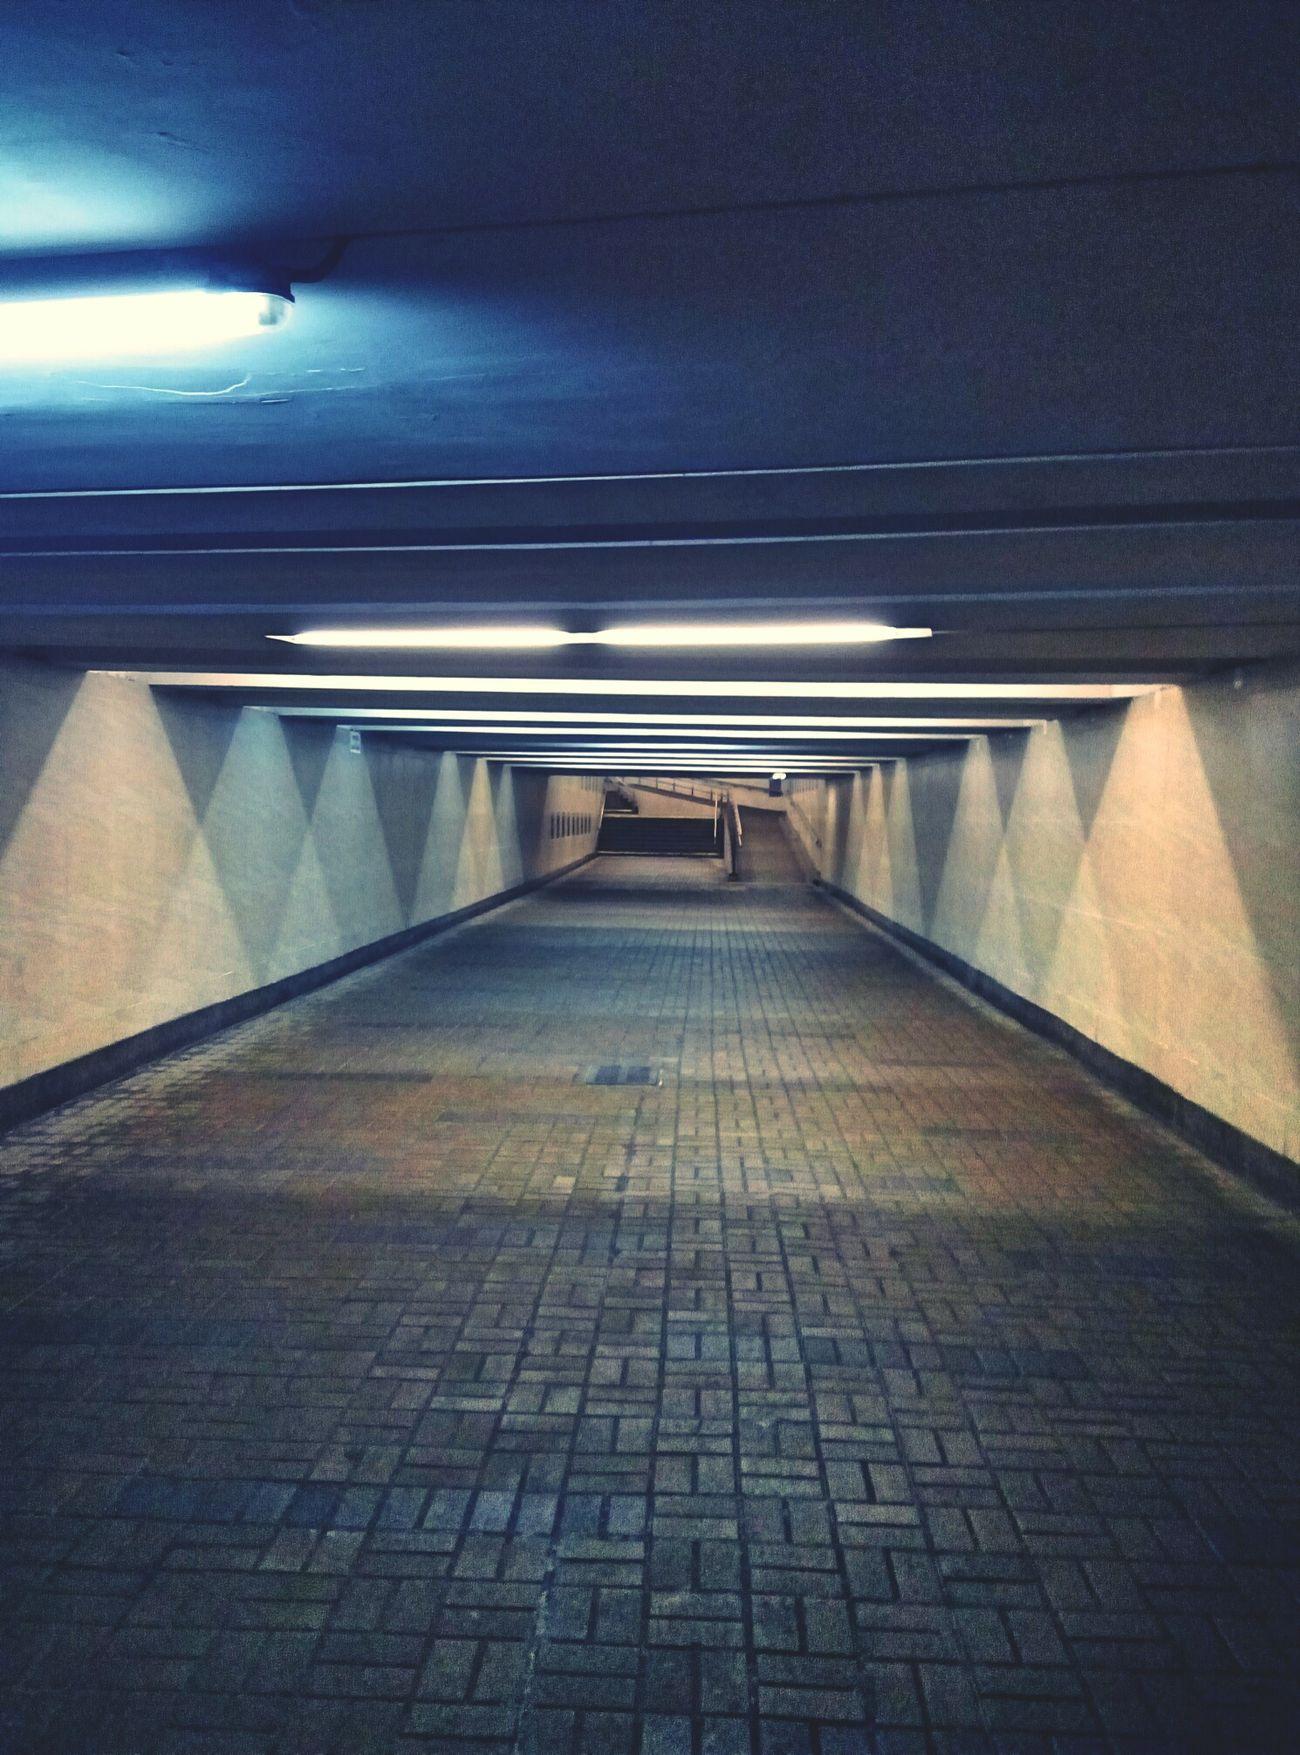 Urban Geometry Subway Station Taking Photos Showcase: January Undergroundstation Underground Station  Blue Wave